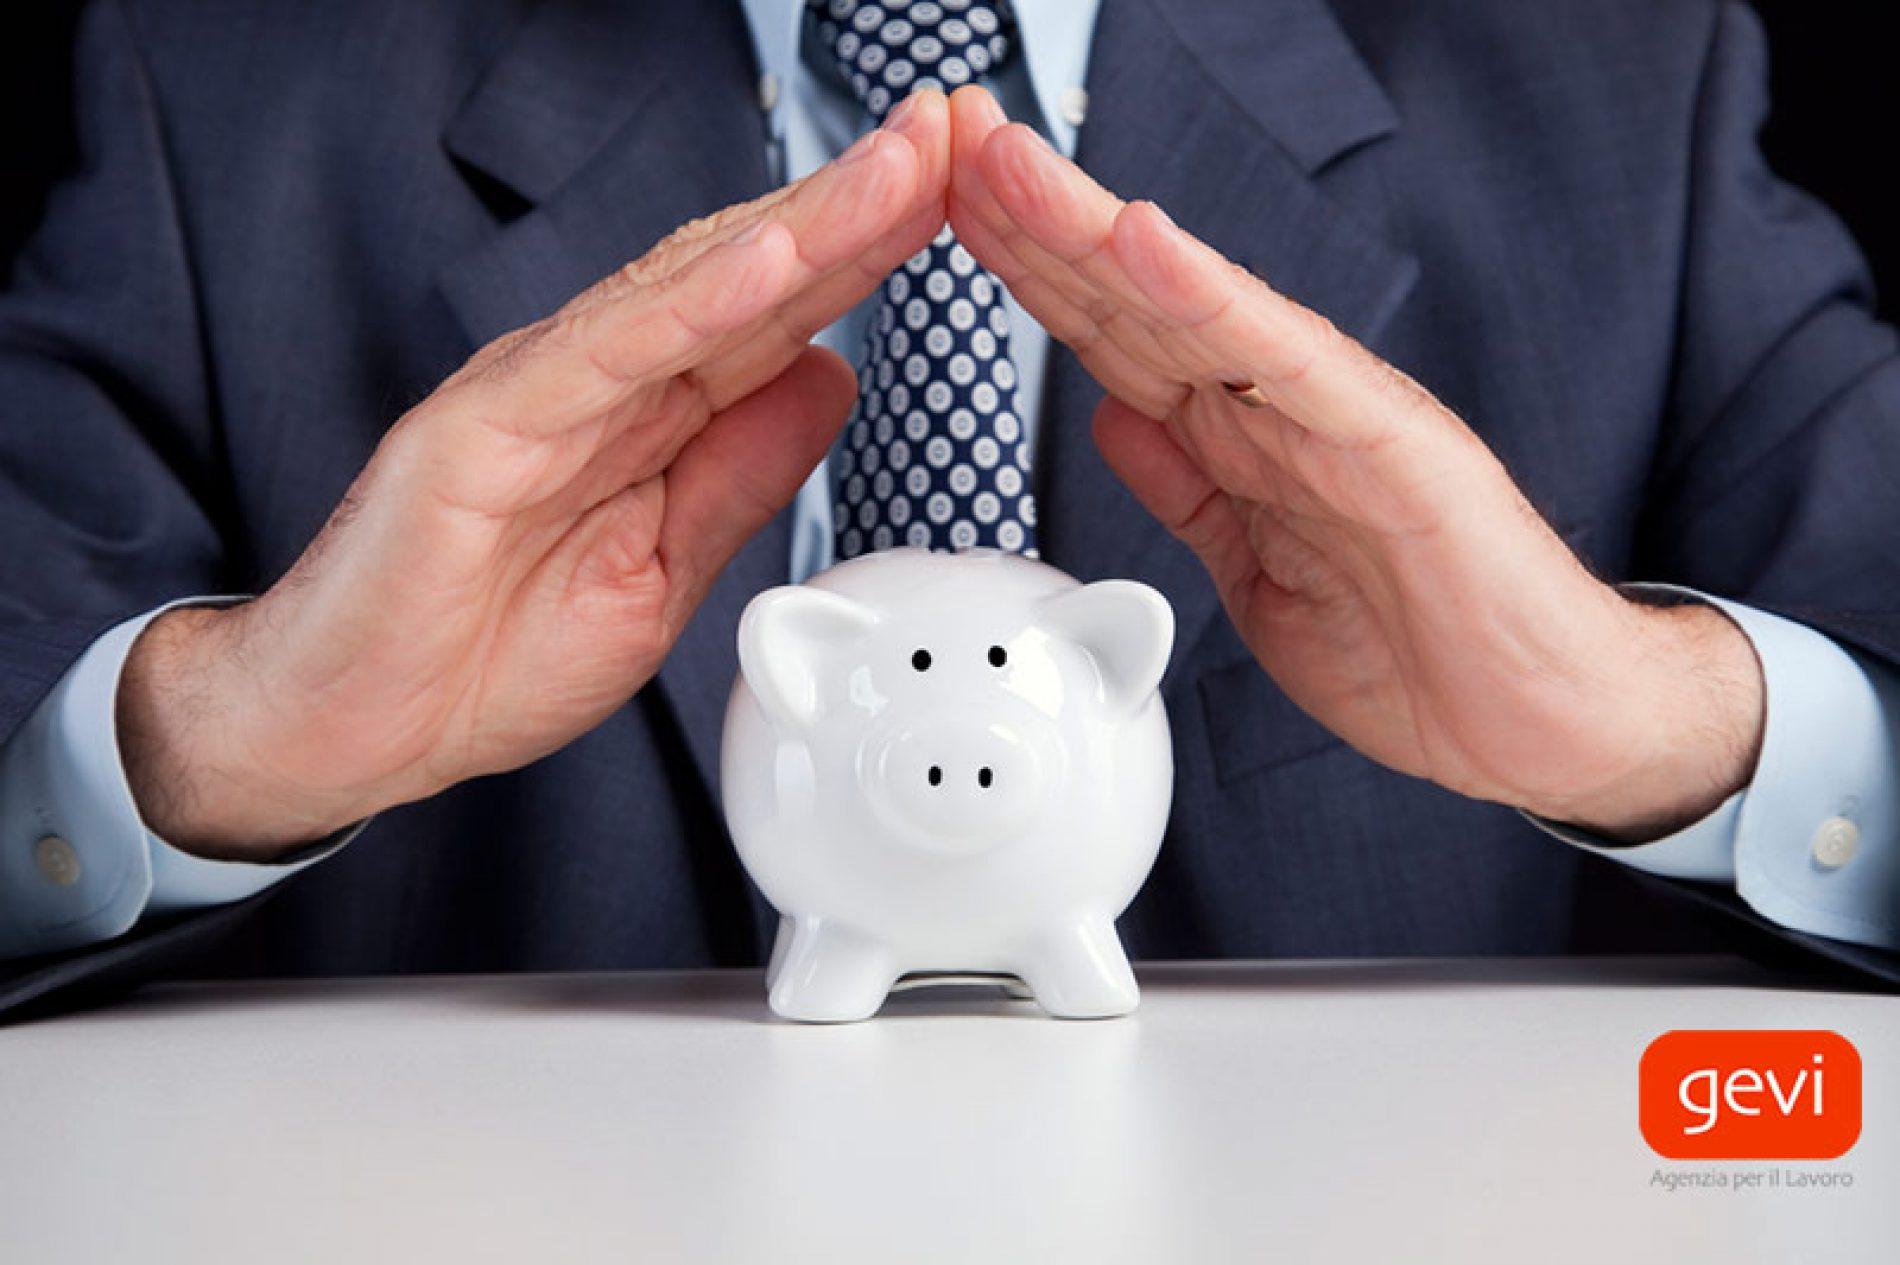 Lavoro a tempo parziale e pensionamento: cosa propone la legge di stabilita' 2016  [E.Massi]